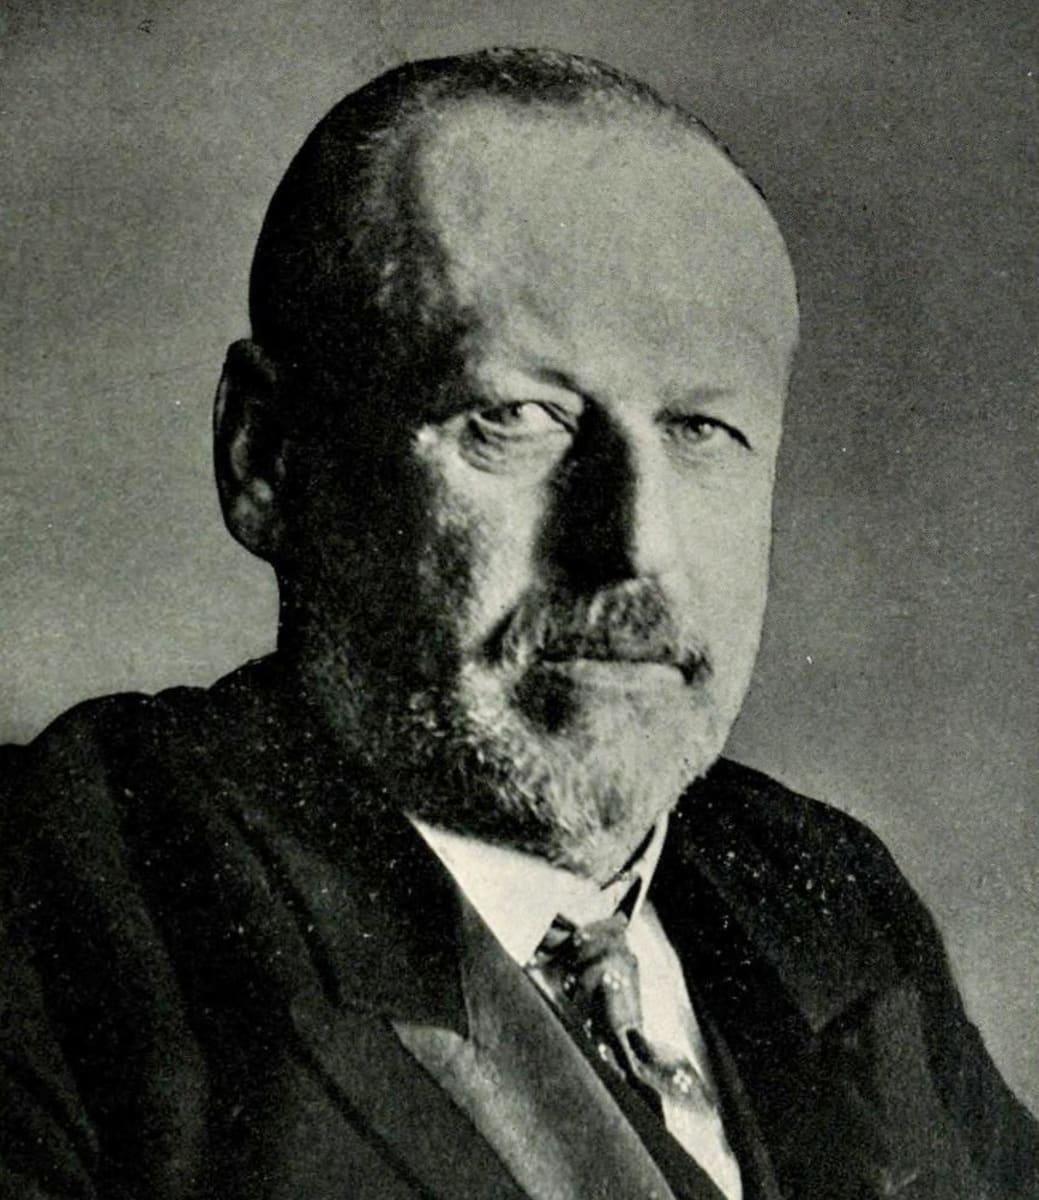 Mikhail Rodzianko